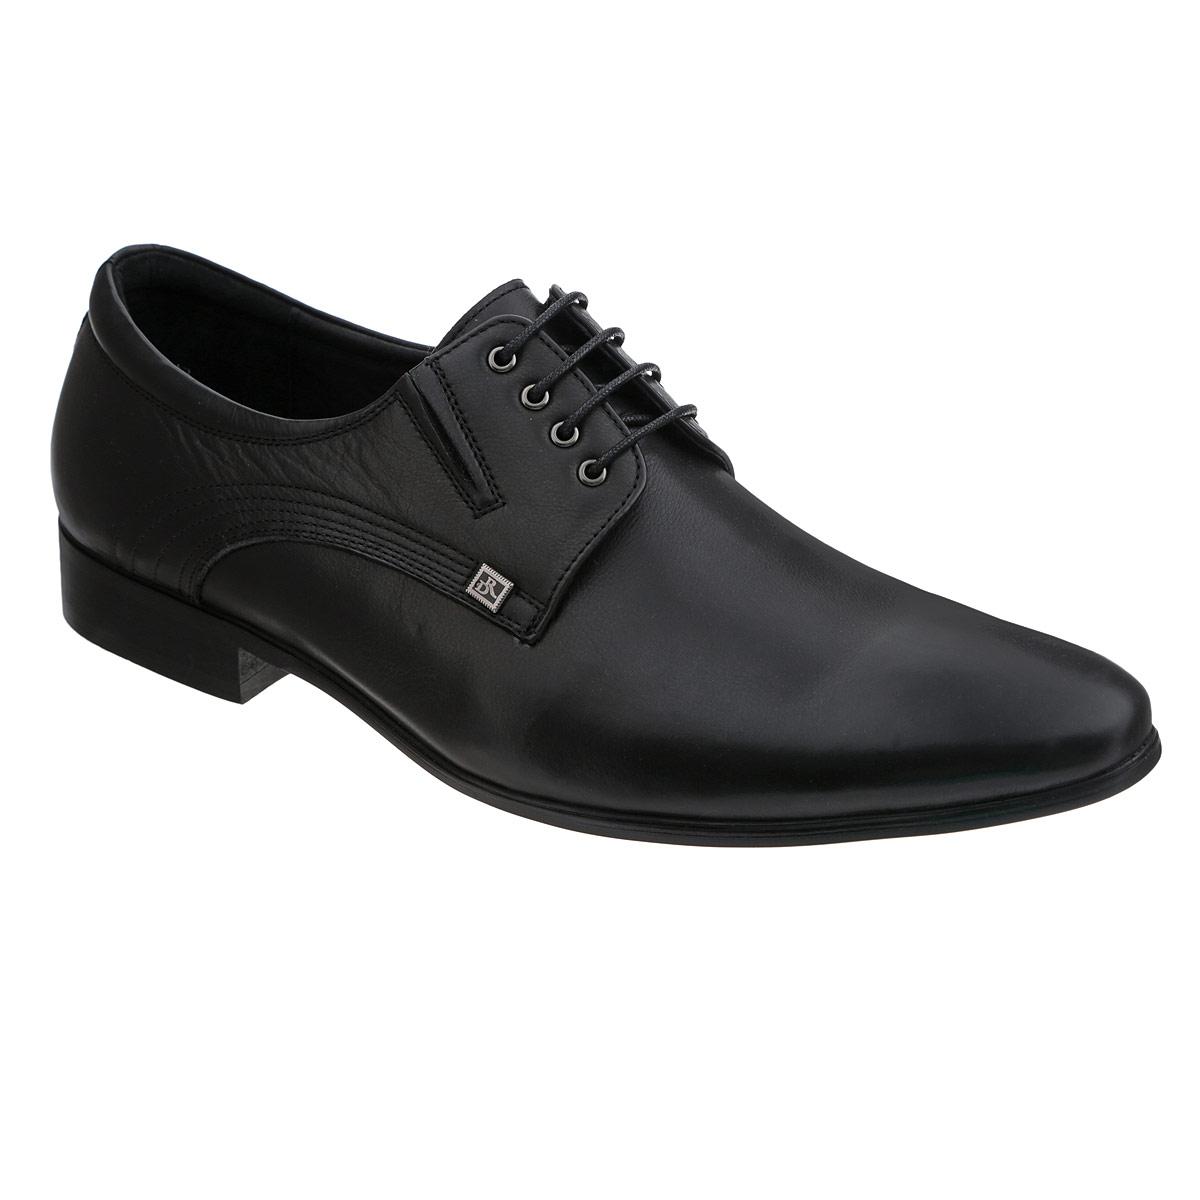 Туфли мужские. 105-70-145105-70-145Элегантные мужские туфли от Dino Ricci займут достойное место среди вашей коллекции обуви. Модель выполнена из натуральной высококачественной кожи. Сбоку изделие оформлено декоративными прострочками и небольшой металлической пластиной с логотипом бренда. Резинки, расположенные на подъеме, гарантируют оптимальную посадку модели на ноге. Шнуровка позволяет прочно зафиксировать обувь на ноге. Стелька из натуральной кожи оснащена перфорацией, позволяющей вашим ногам дышать. Каблук и подошва с рифлением обеспечивают отличное сцепление с поверхностью. Стильные туфли прекрасно дополнят ваш деловой образ.